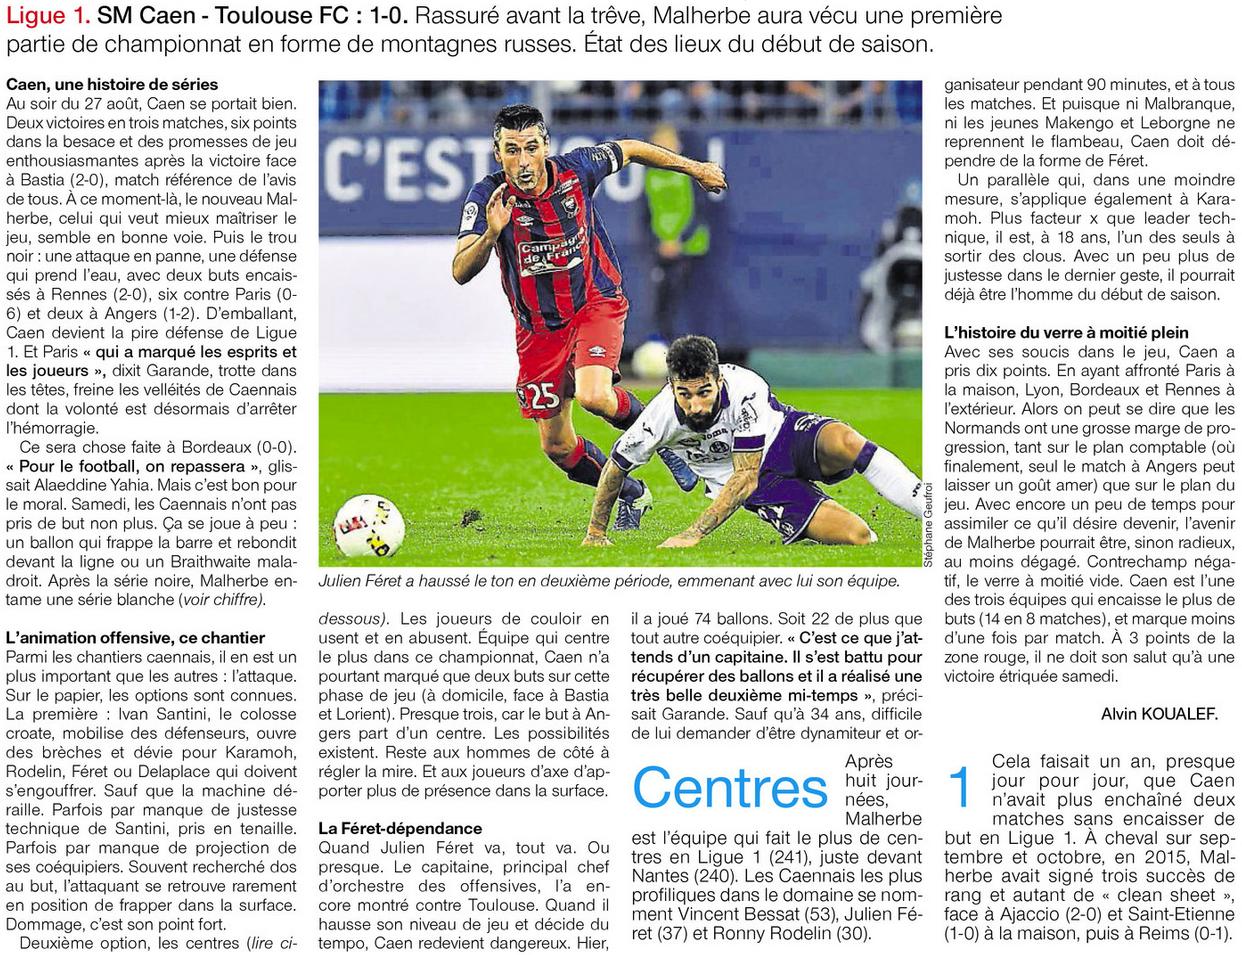 [8e journée de L1] SM Caen 1-0 Toulouse FC 392557bilan